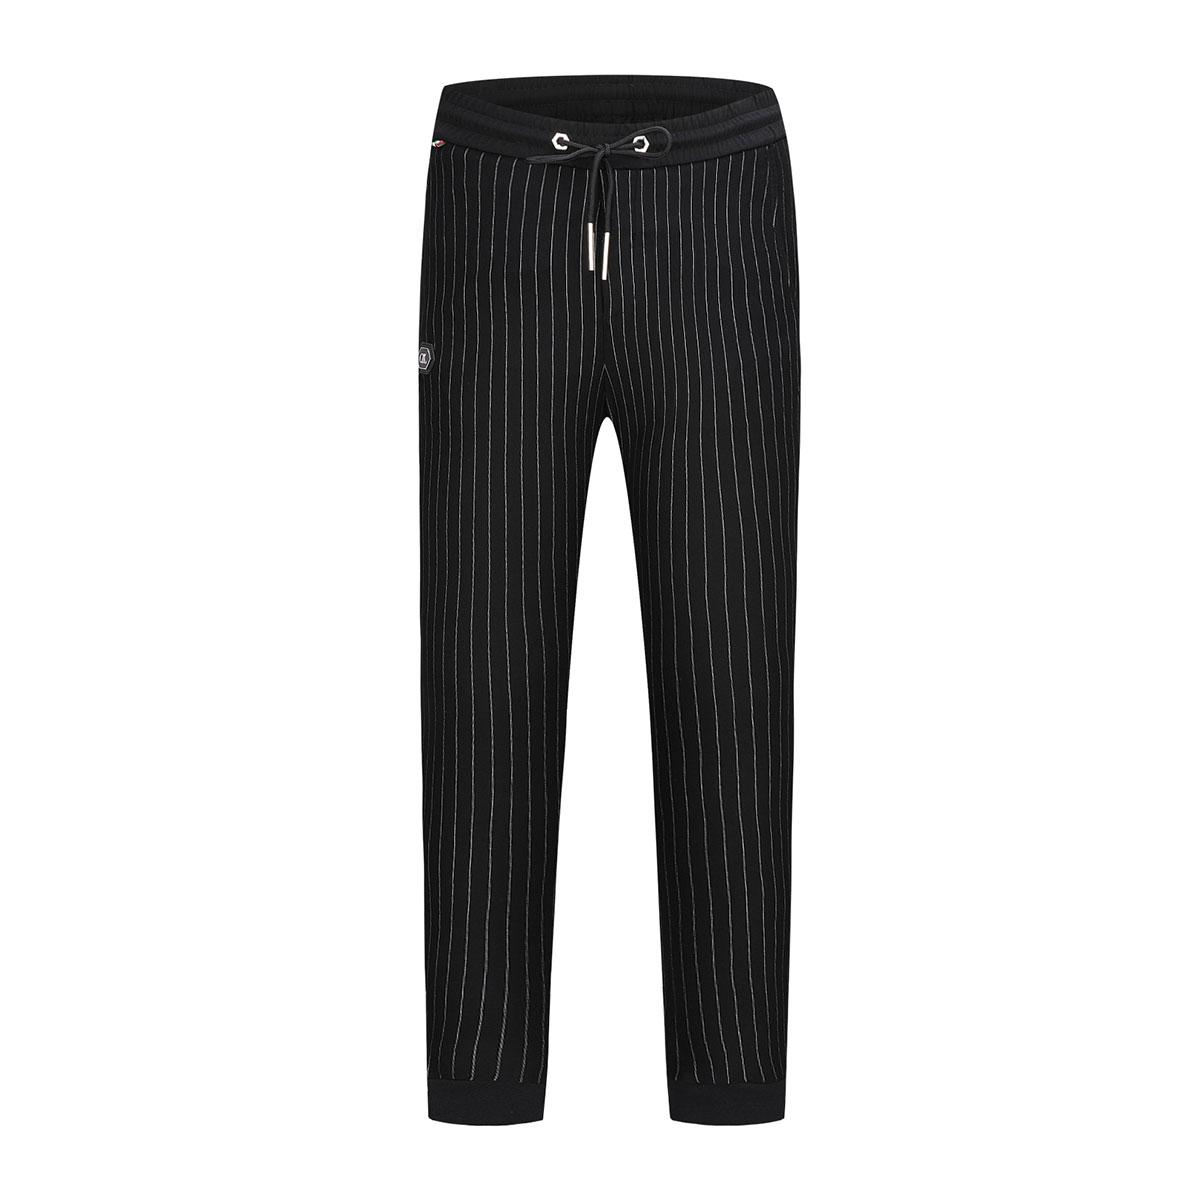 卡里亚尼CALIANI男式条纹修身系带休闲裤CXK16130309-01